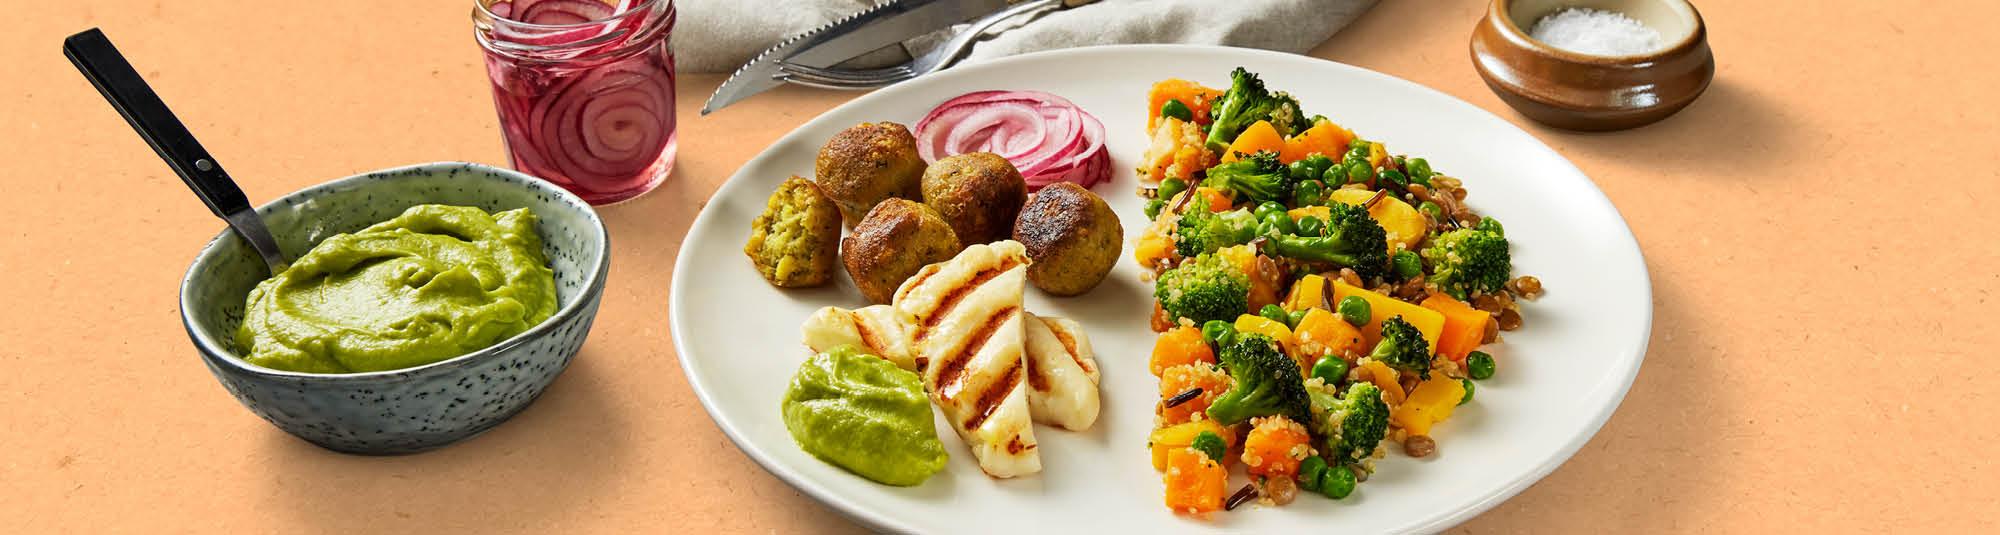 Falafel och Halloumi med Veggie Sides